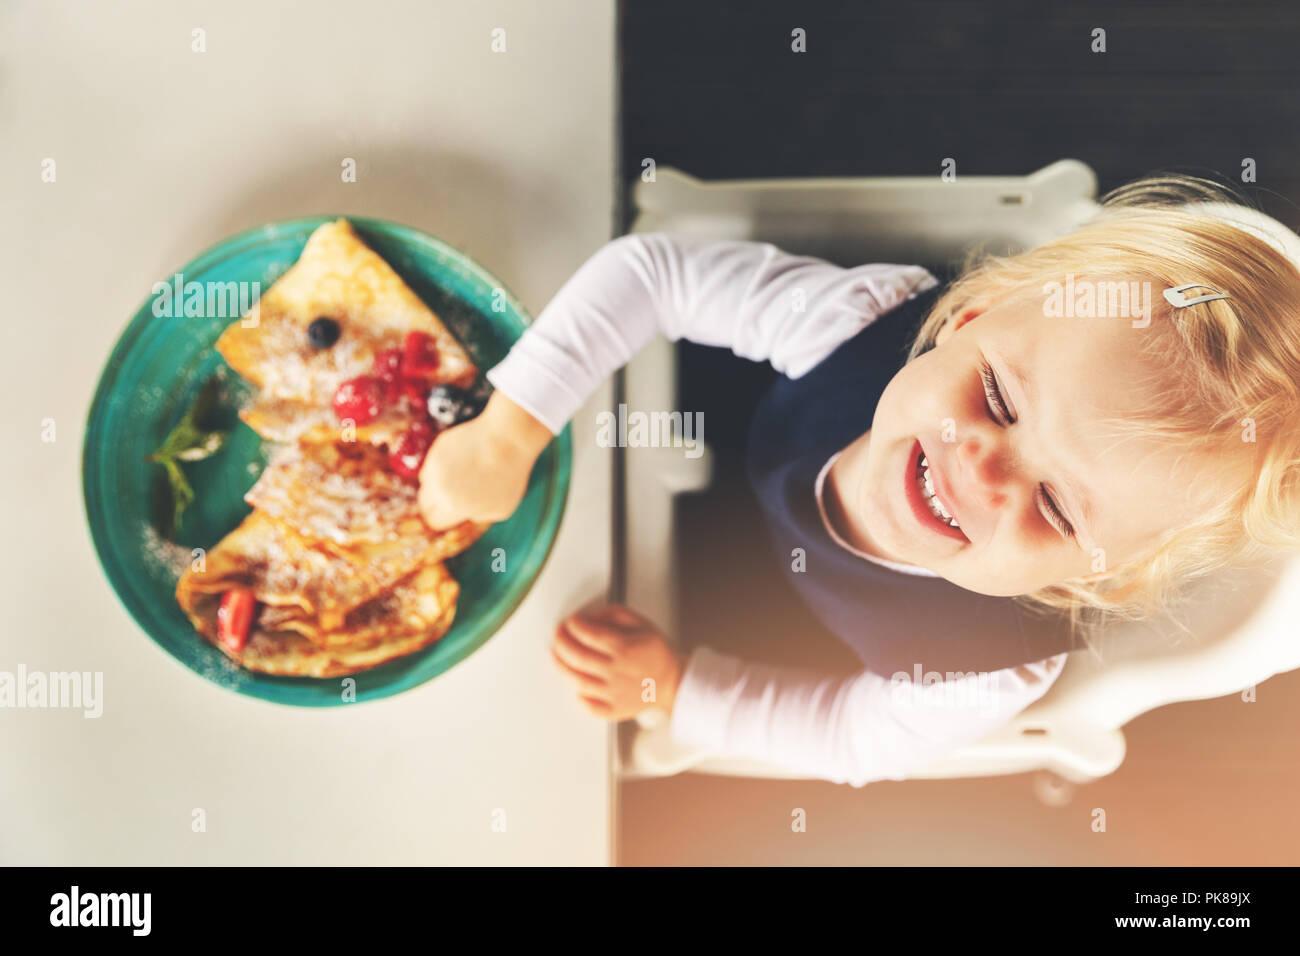 Nette lustige kleine Mädchen essen Pfannkuchen mit Beeren Stockbild